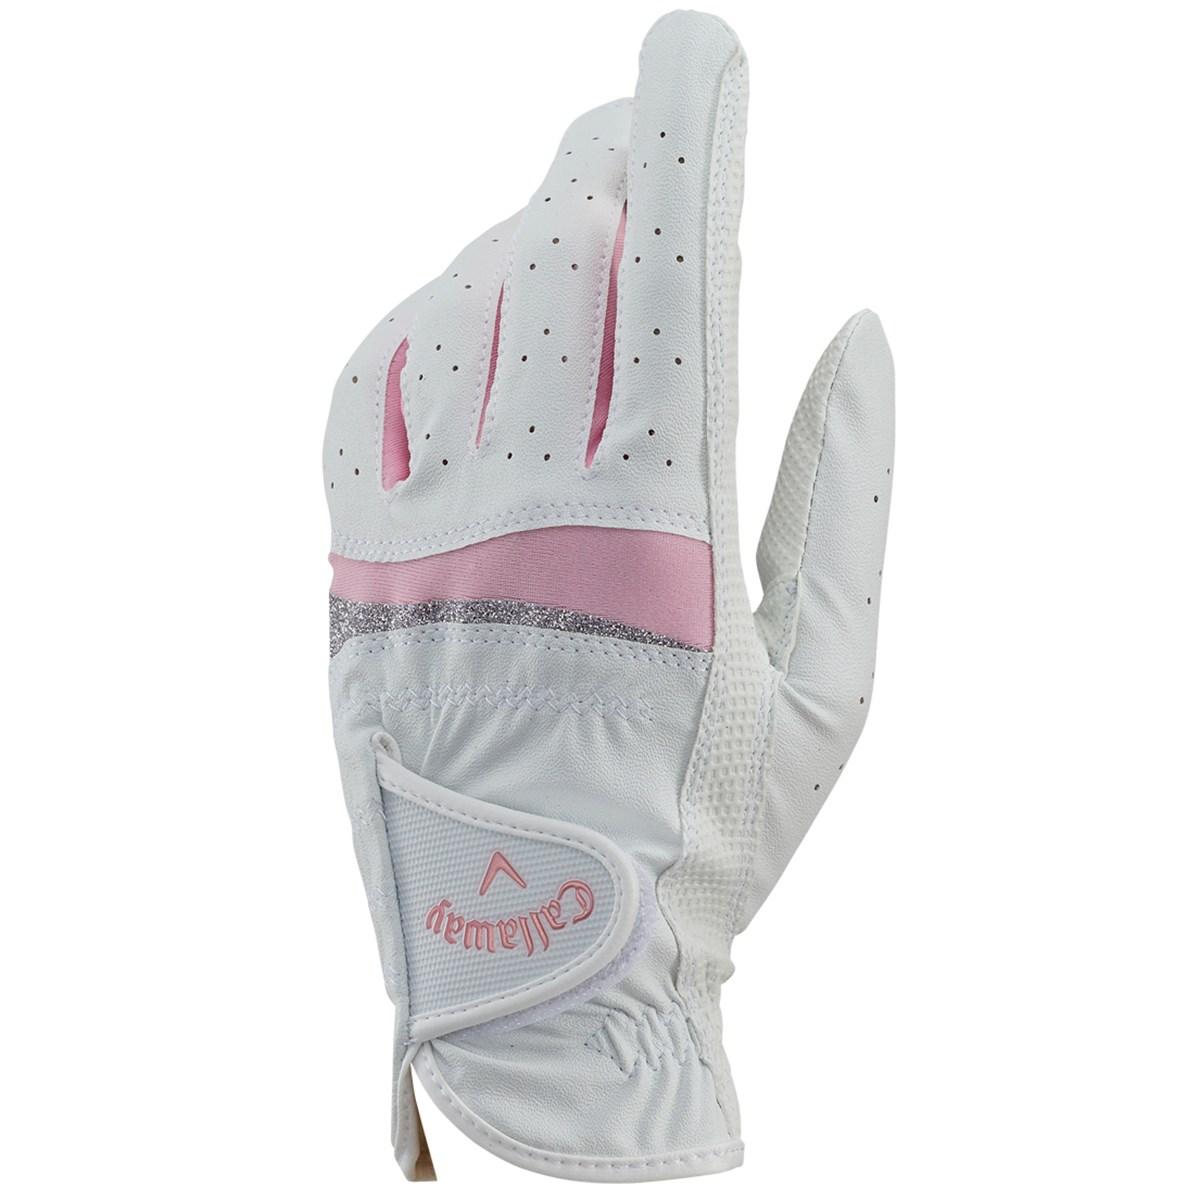 キャロウェイゴルフ Callaway Golf STYLE JM グローブ 18cm 左手着用(右利き用) ホワイト/ピンク レディス